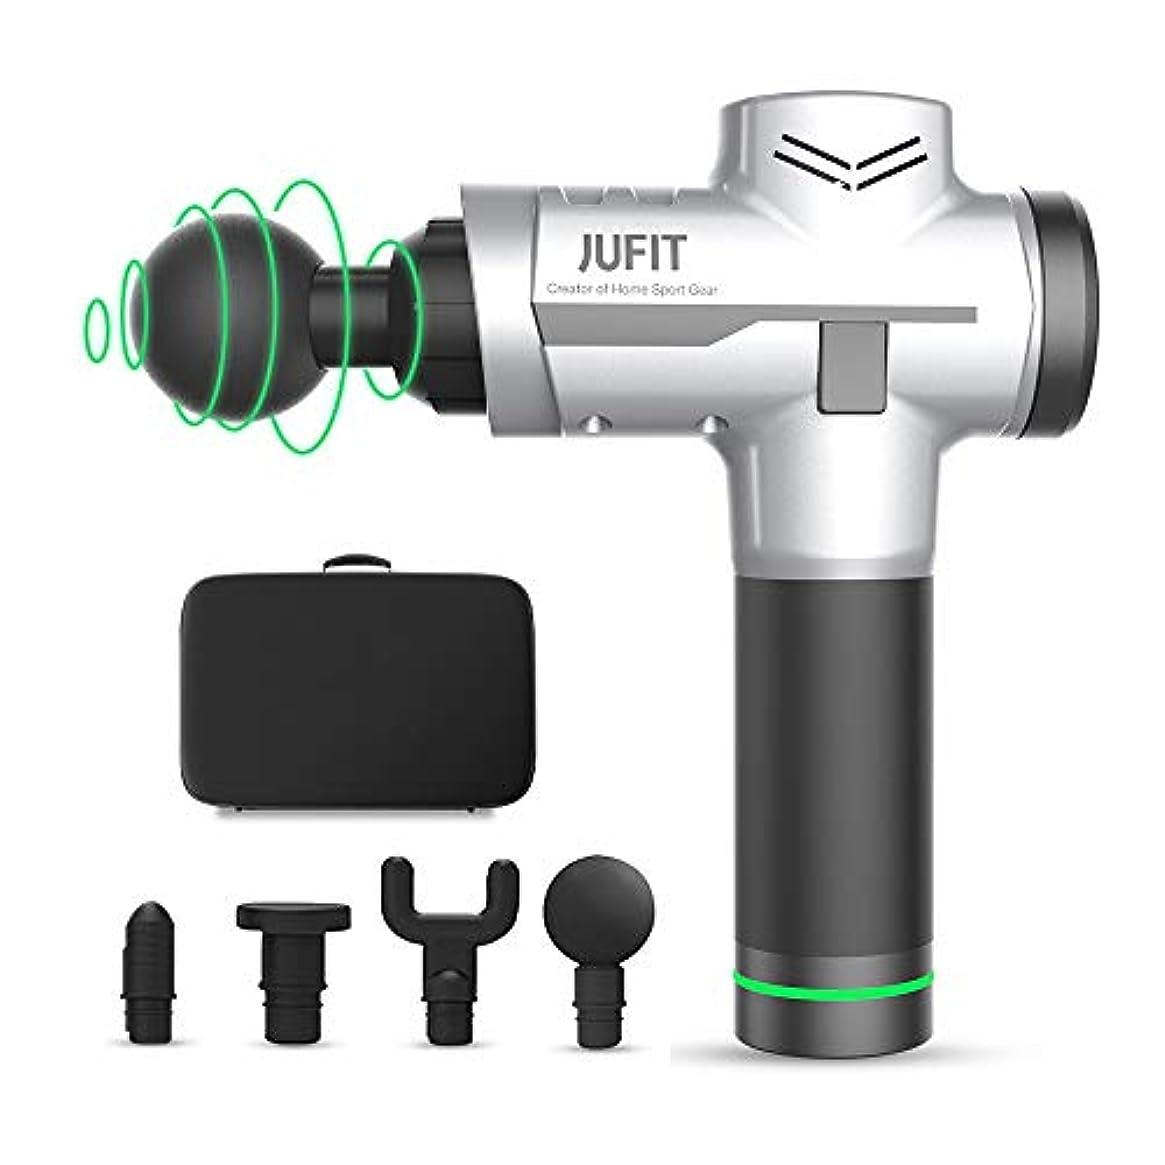 雨マーチャンダイザー習字JUFIT Fascia Massage Gun/Muscle Massage Gun with 6 Speed Levels and 4 Replaceable Massager Heads Handheld Cordless...